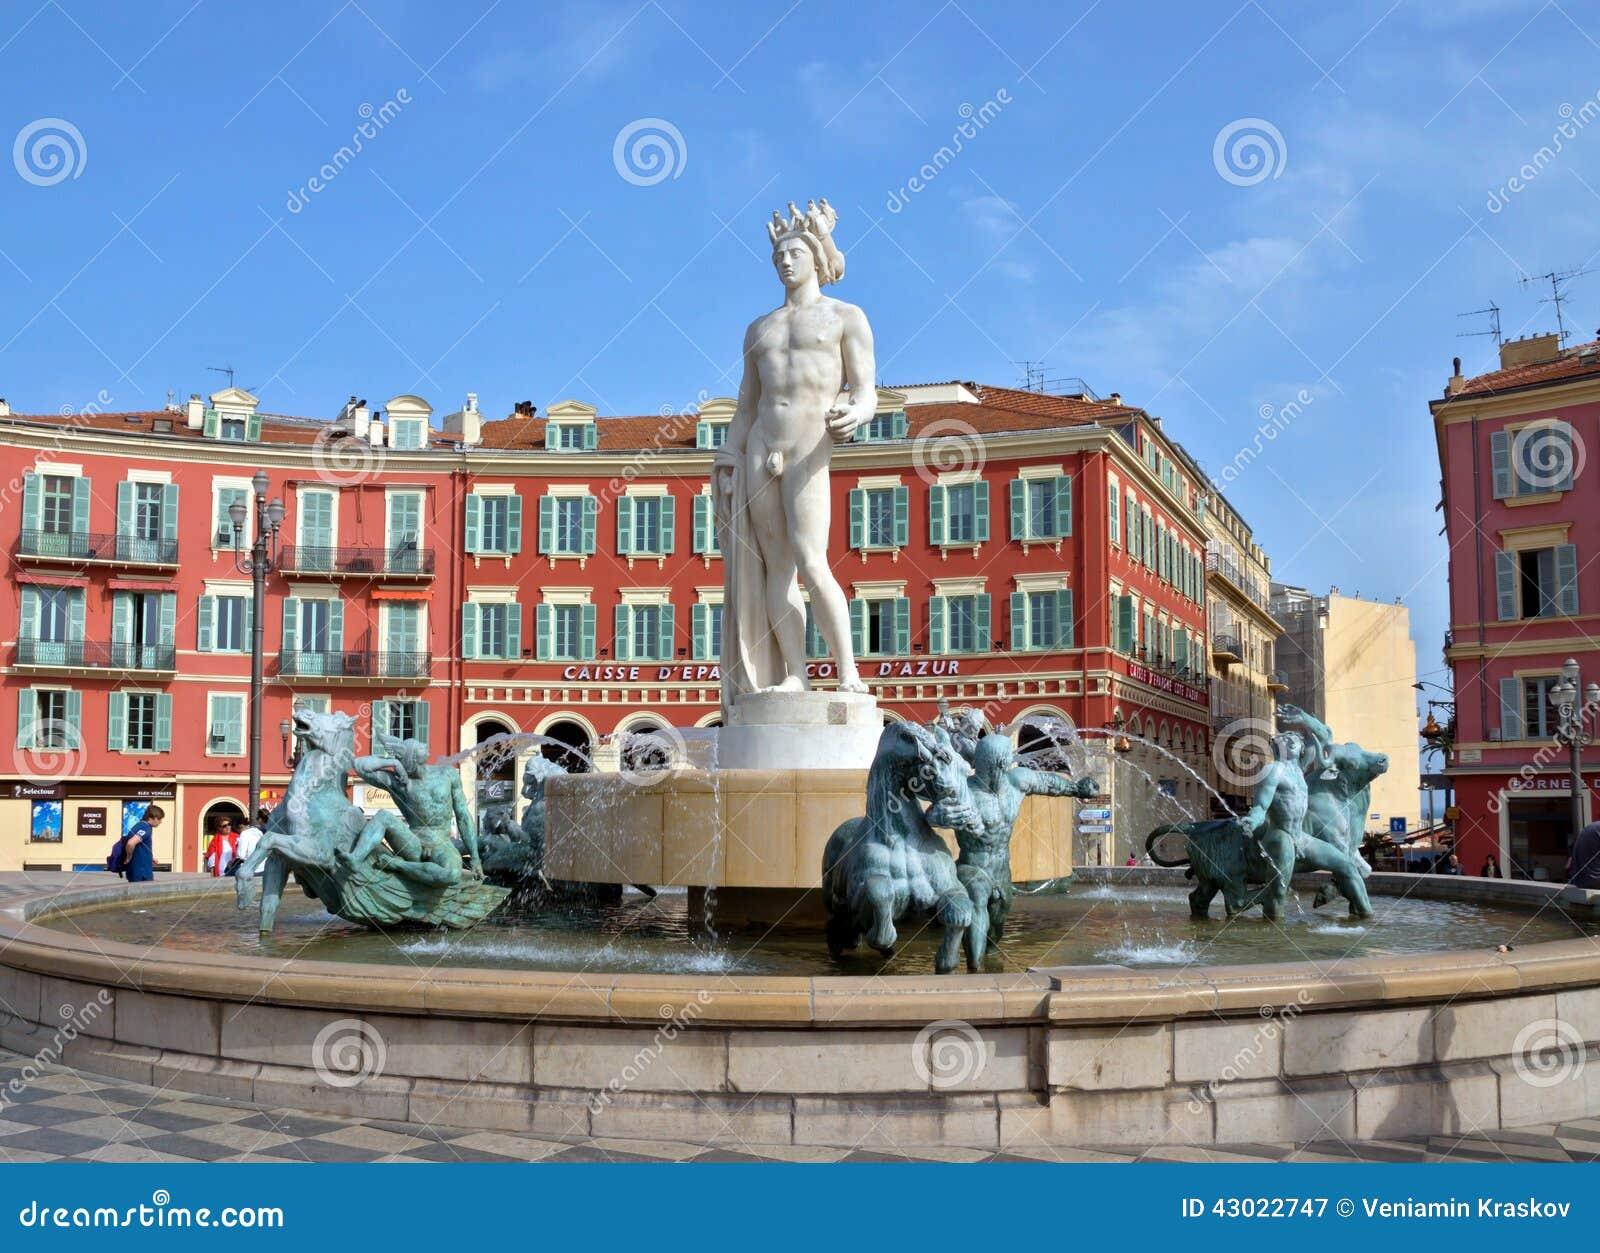 Ville de nice fontaine soleil photographie ditorial for Piscine du soleil nice